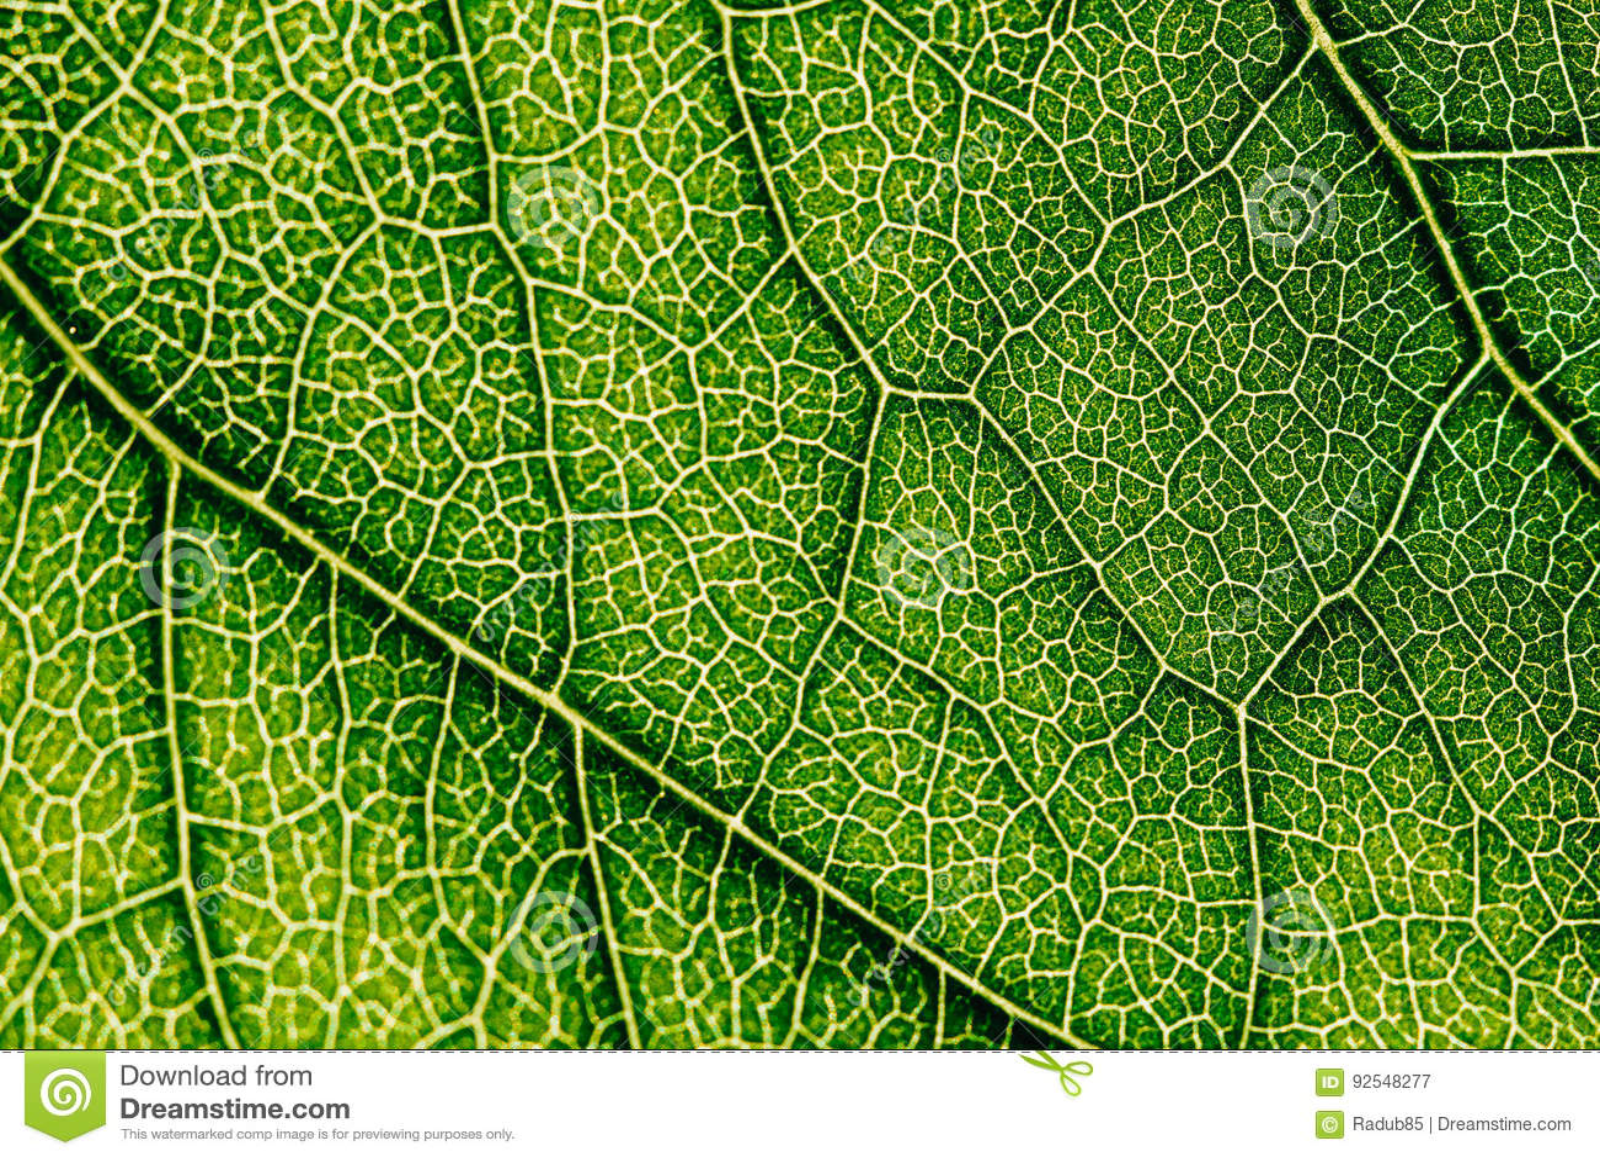 Grüne Blatt-Beschaffenheit mit den sichtbaren Stomata, welche die Epidermis-Schicht umfassen